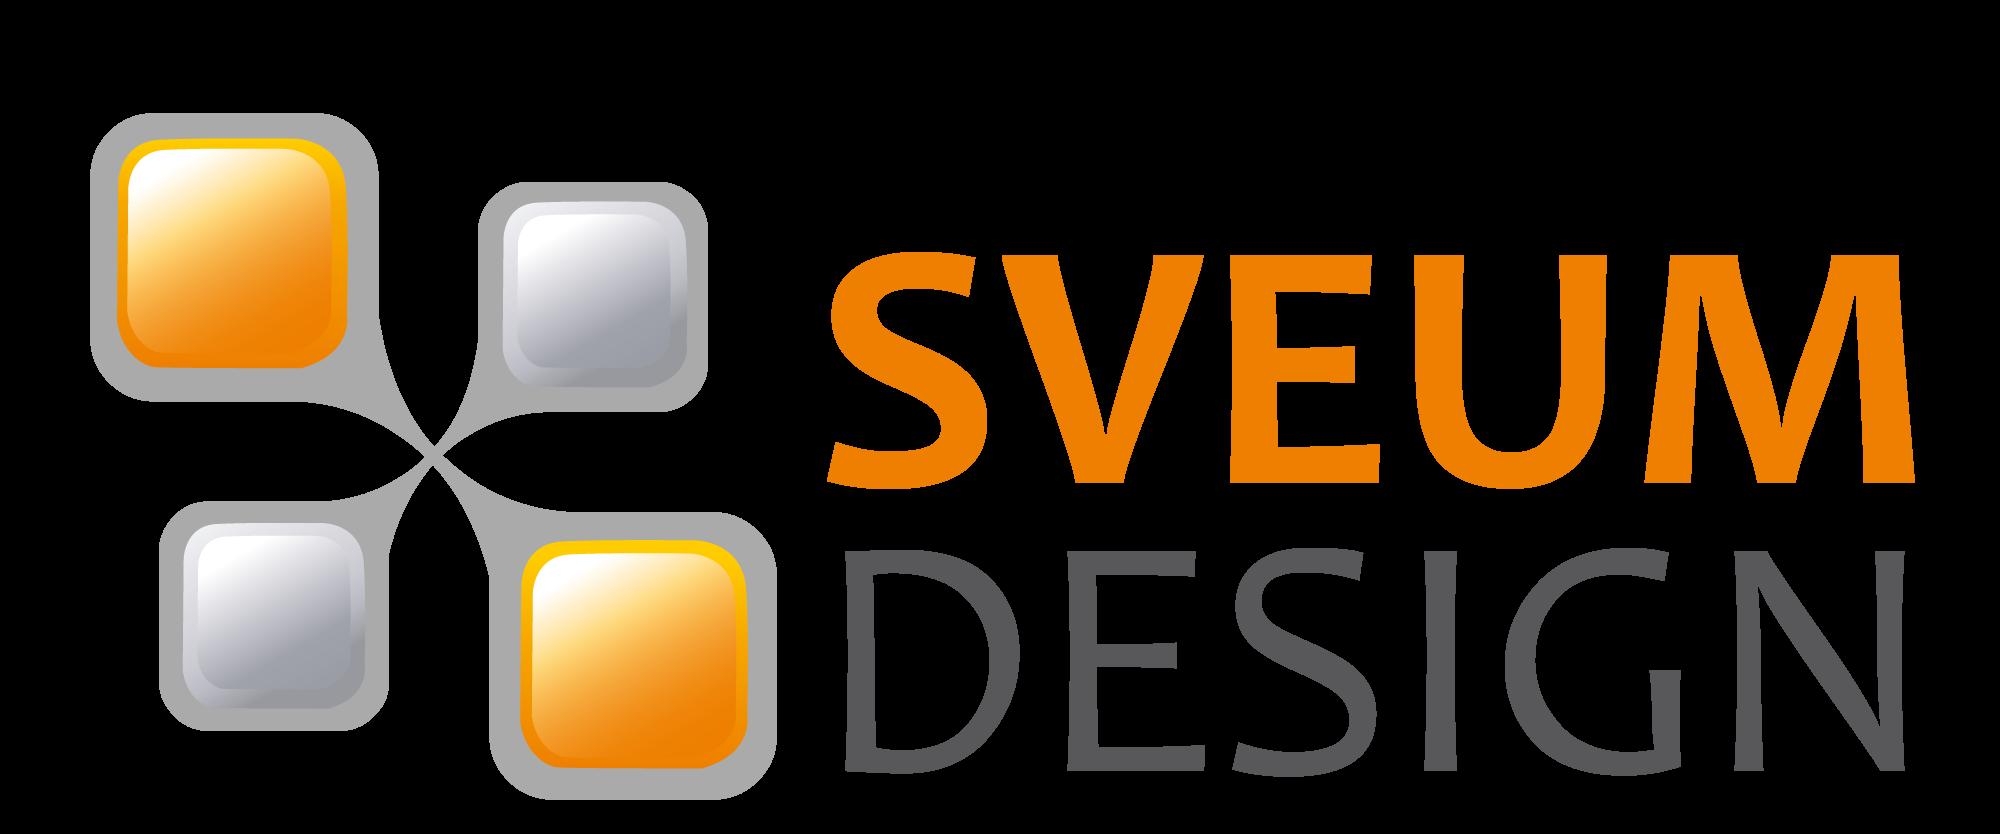 Sveum Design